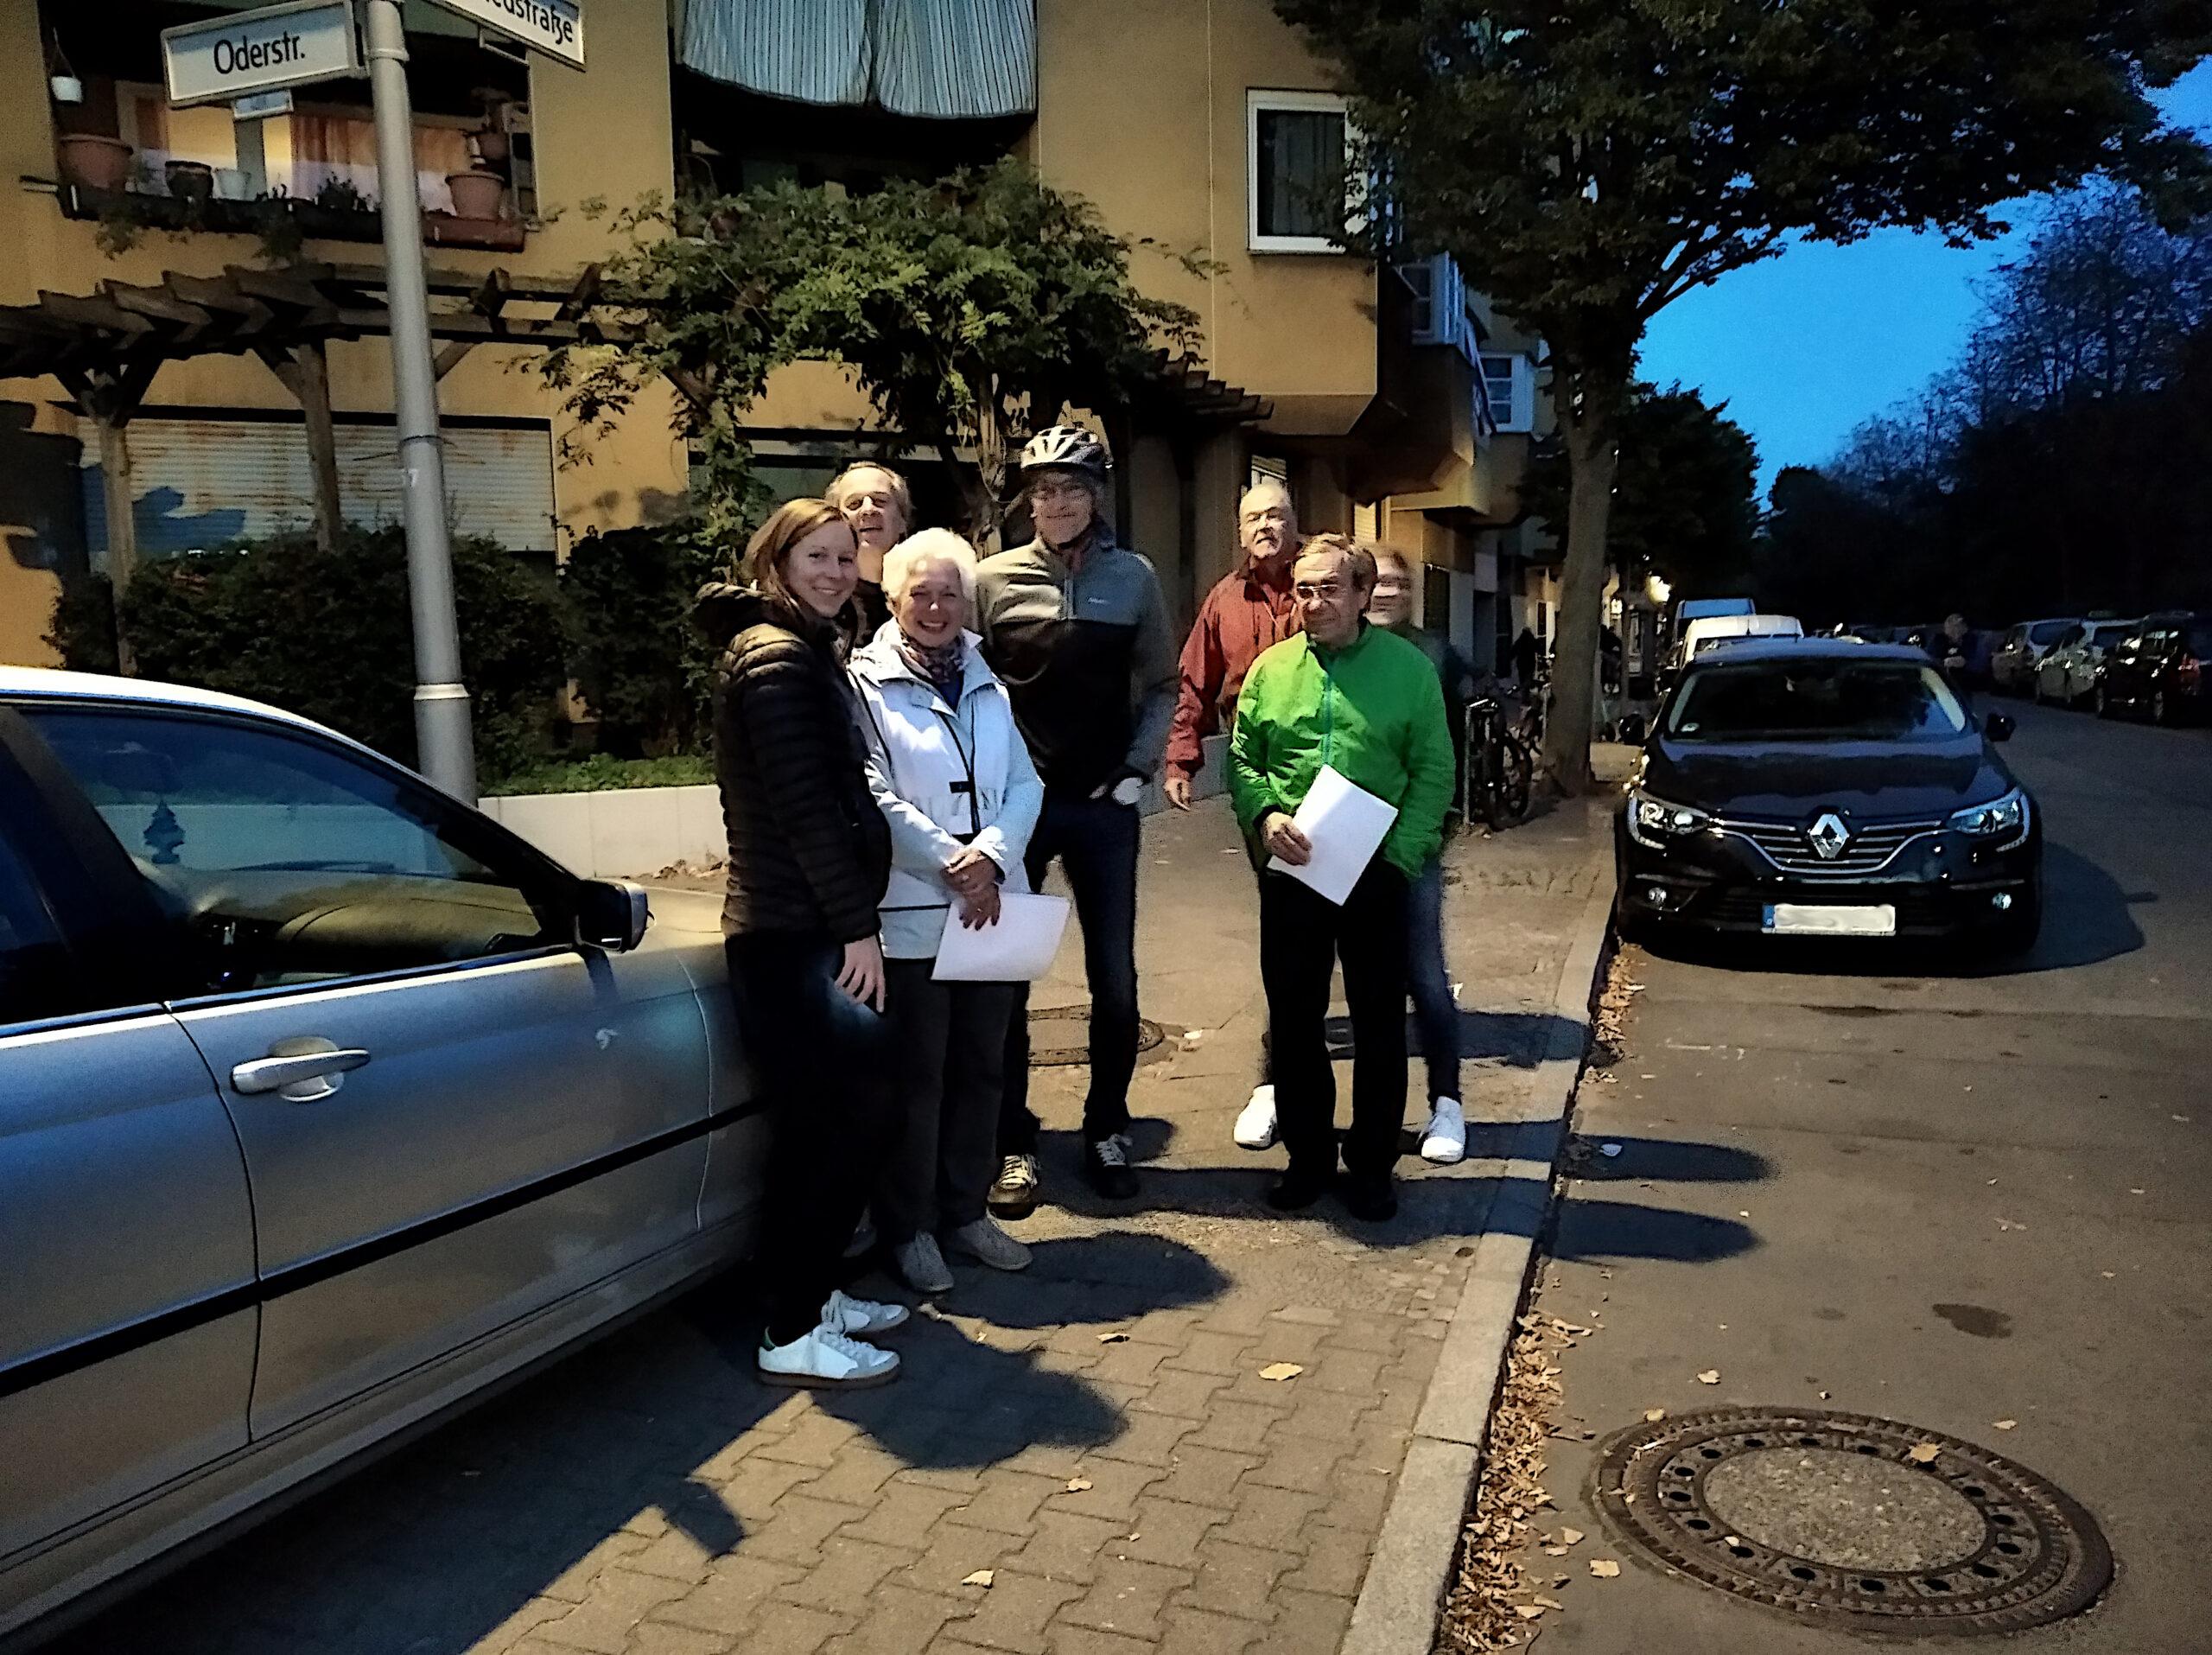 Mitglieder des NFN u. ADFC Neukölln an der Ecke Oderstraße / Siegfriedstraße Foto: Marina Reichenbach